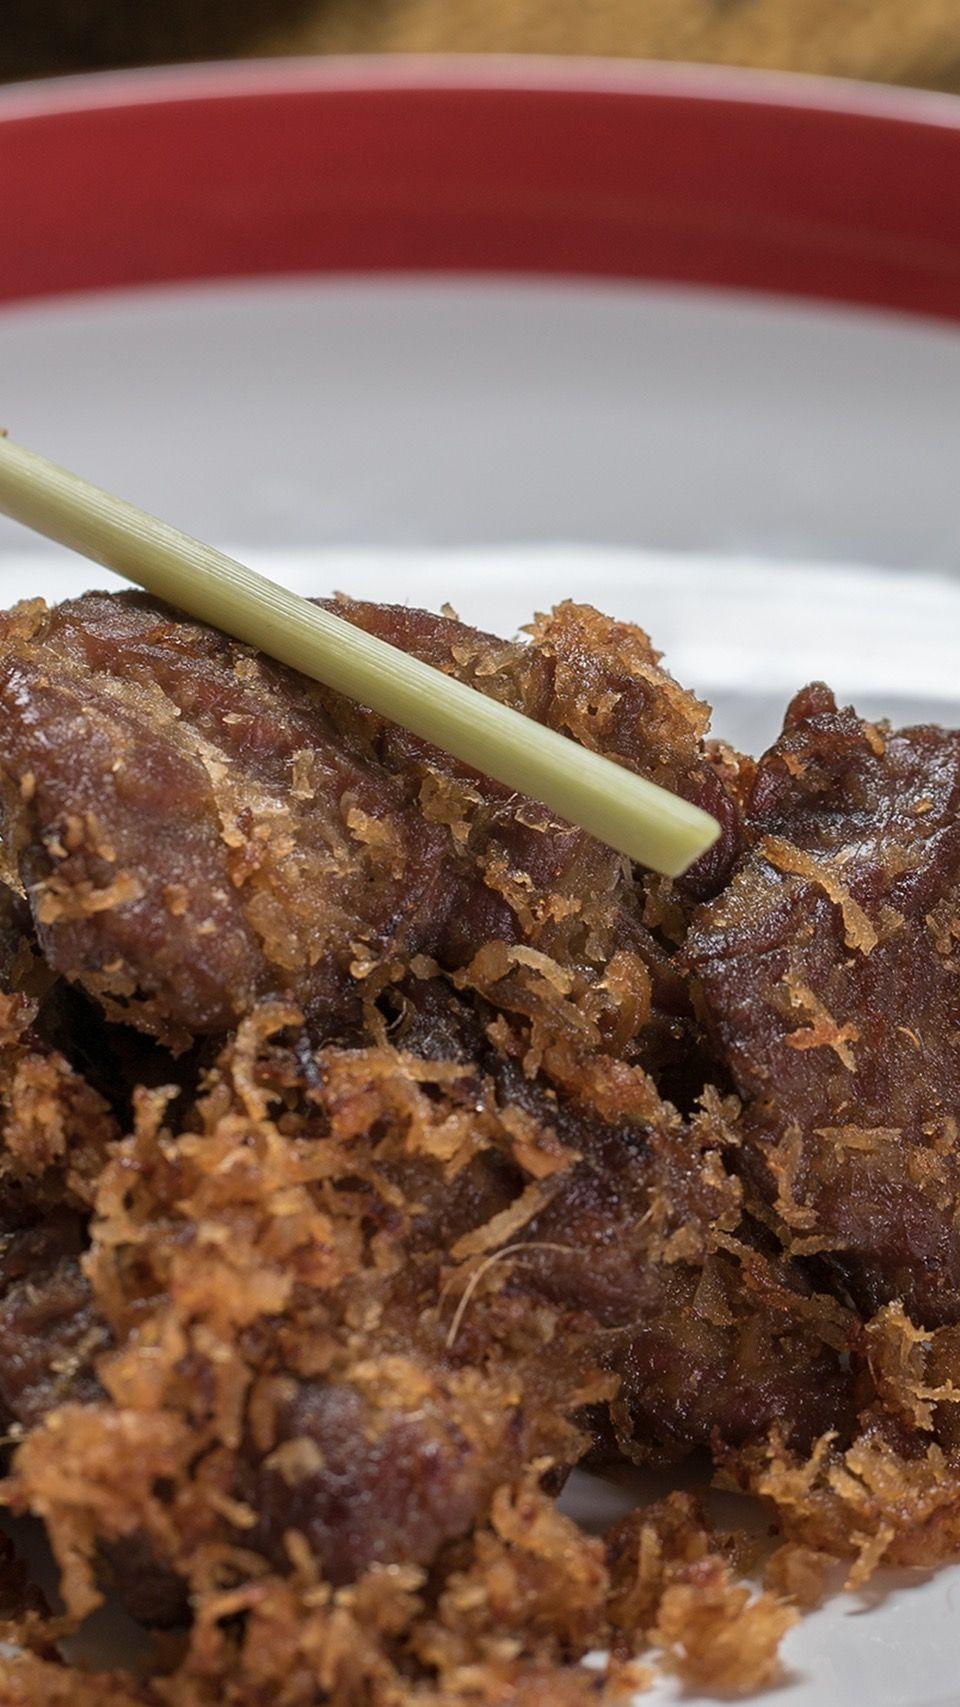 Resep Daging Serundeng : resep, daging, serundeng, Daging, Serundeng, Resep, Recipe, Indonesian, Food,, Drink